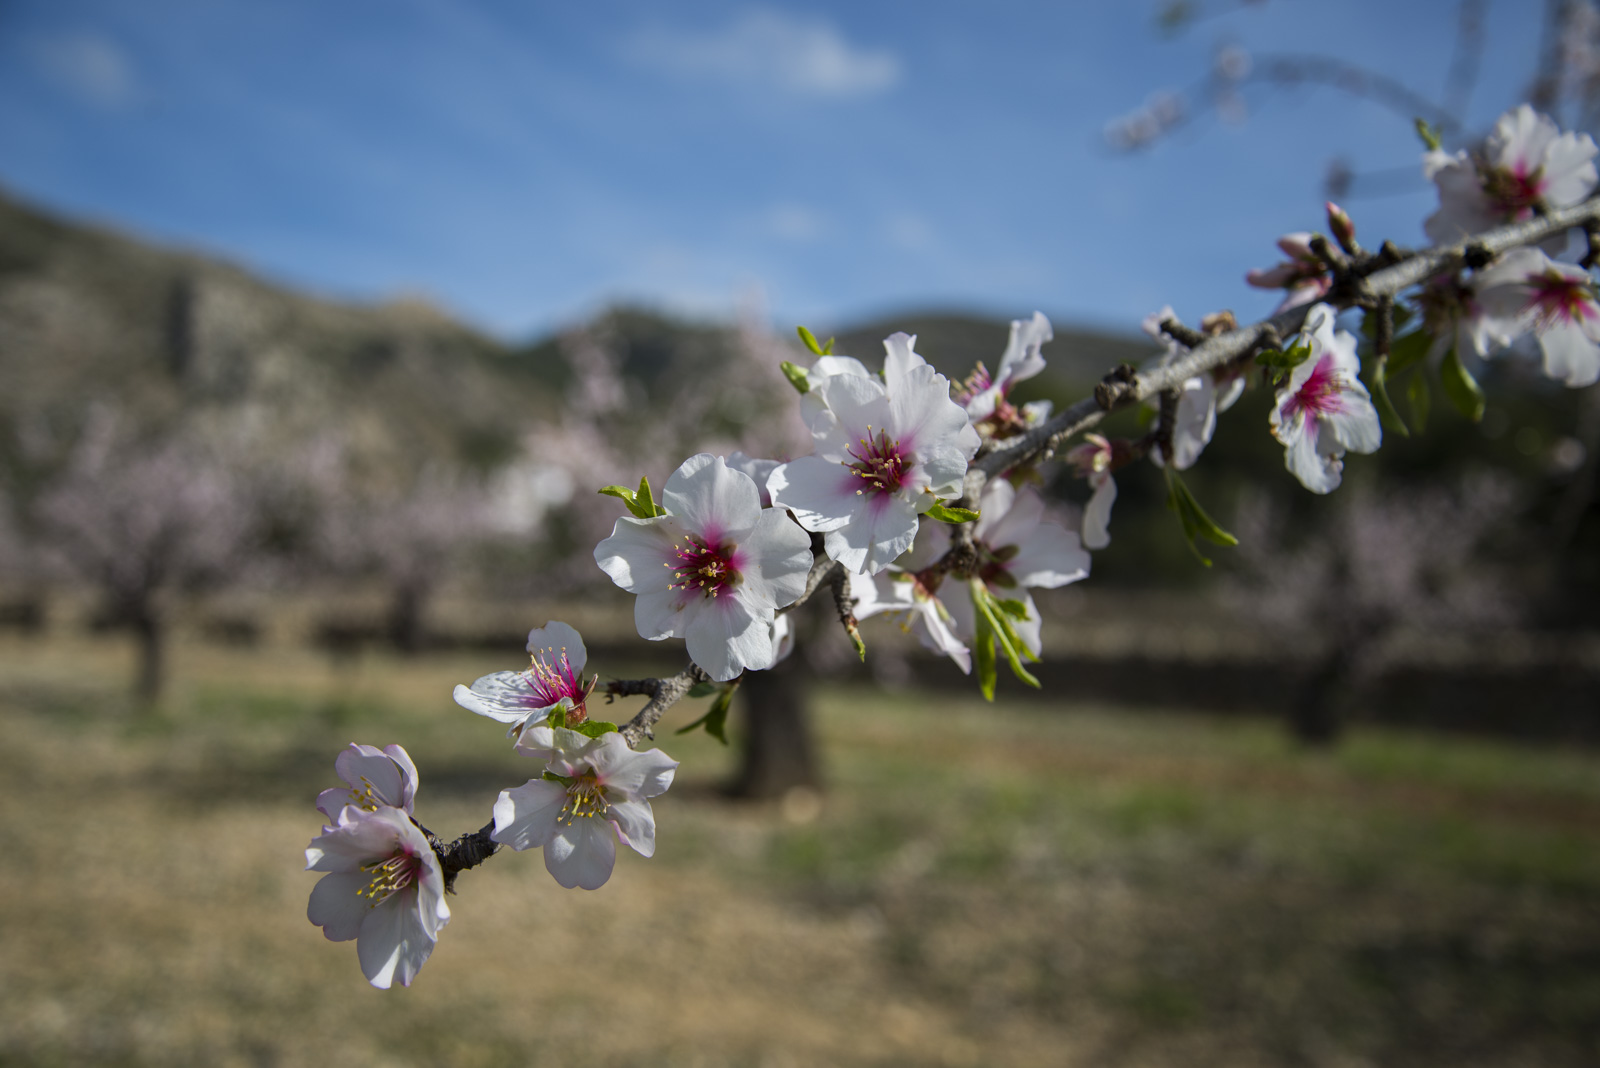 Mandeltrærne har både hvite, rosa og røde blomster